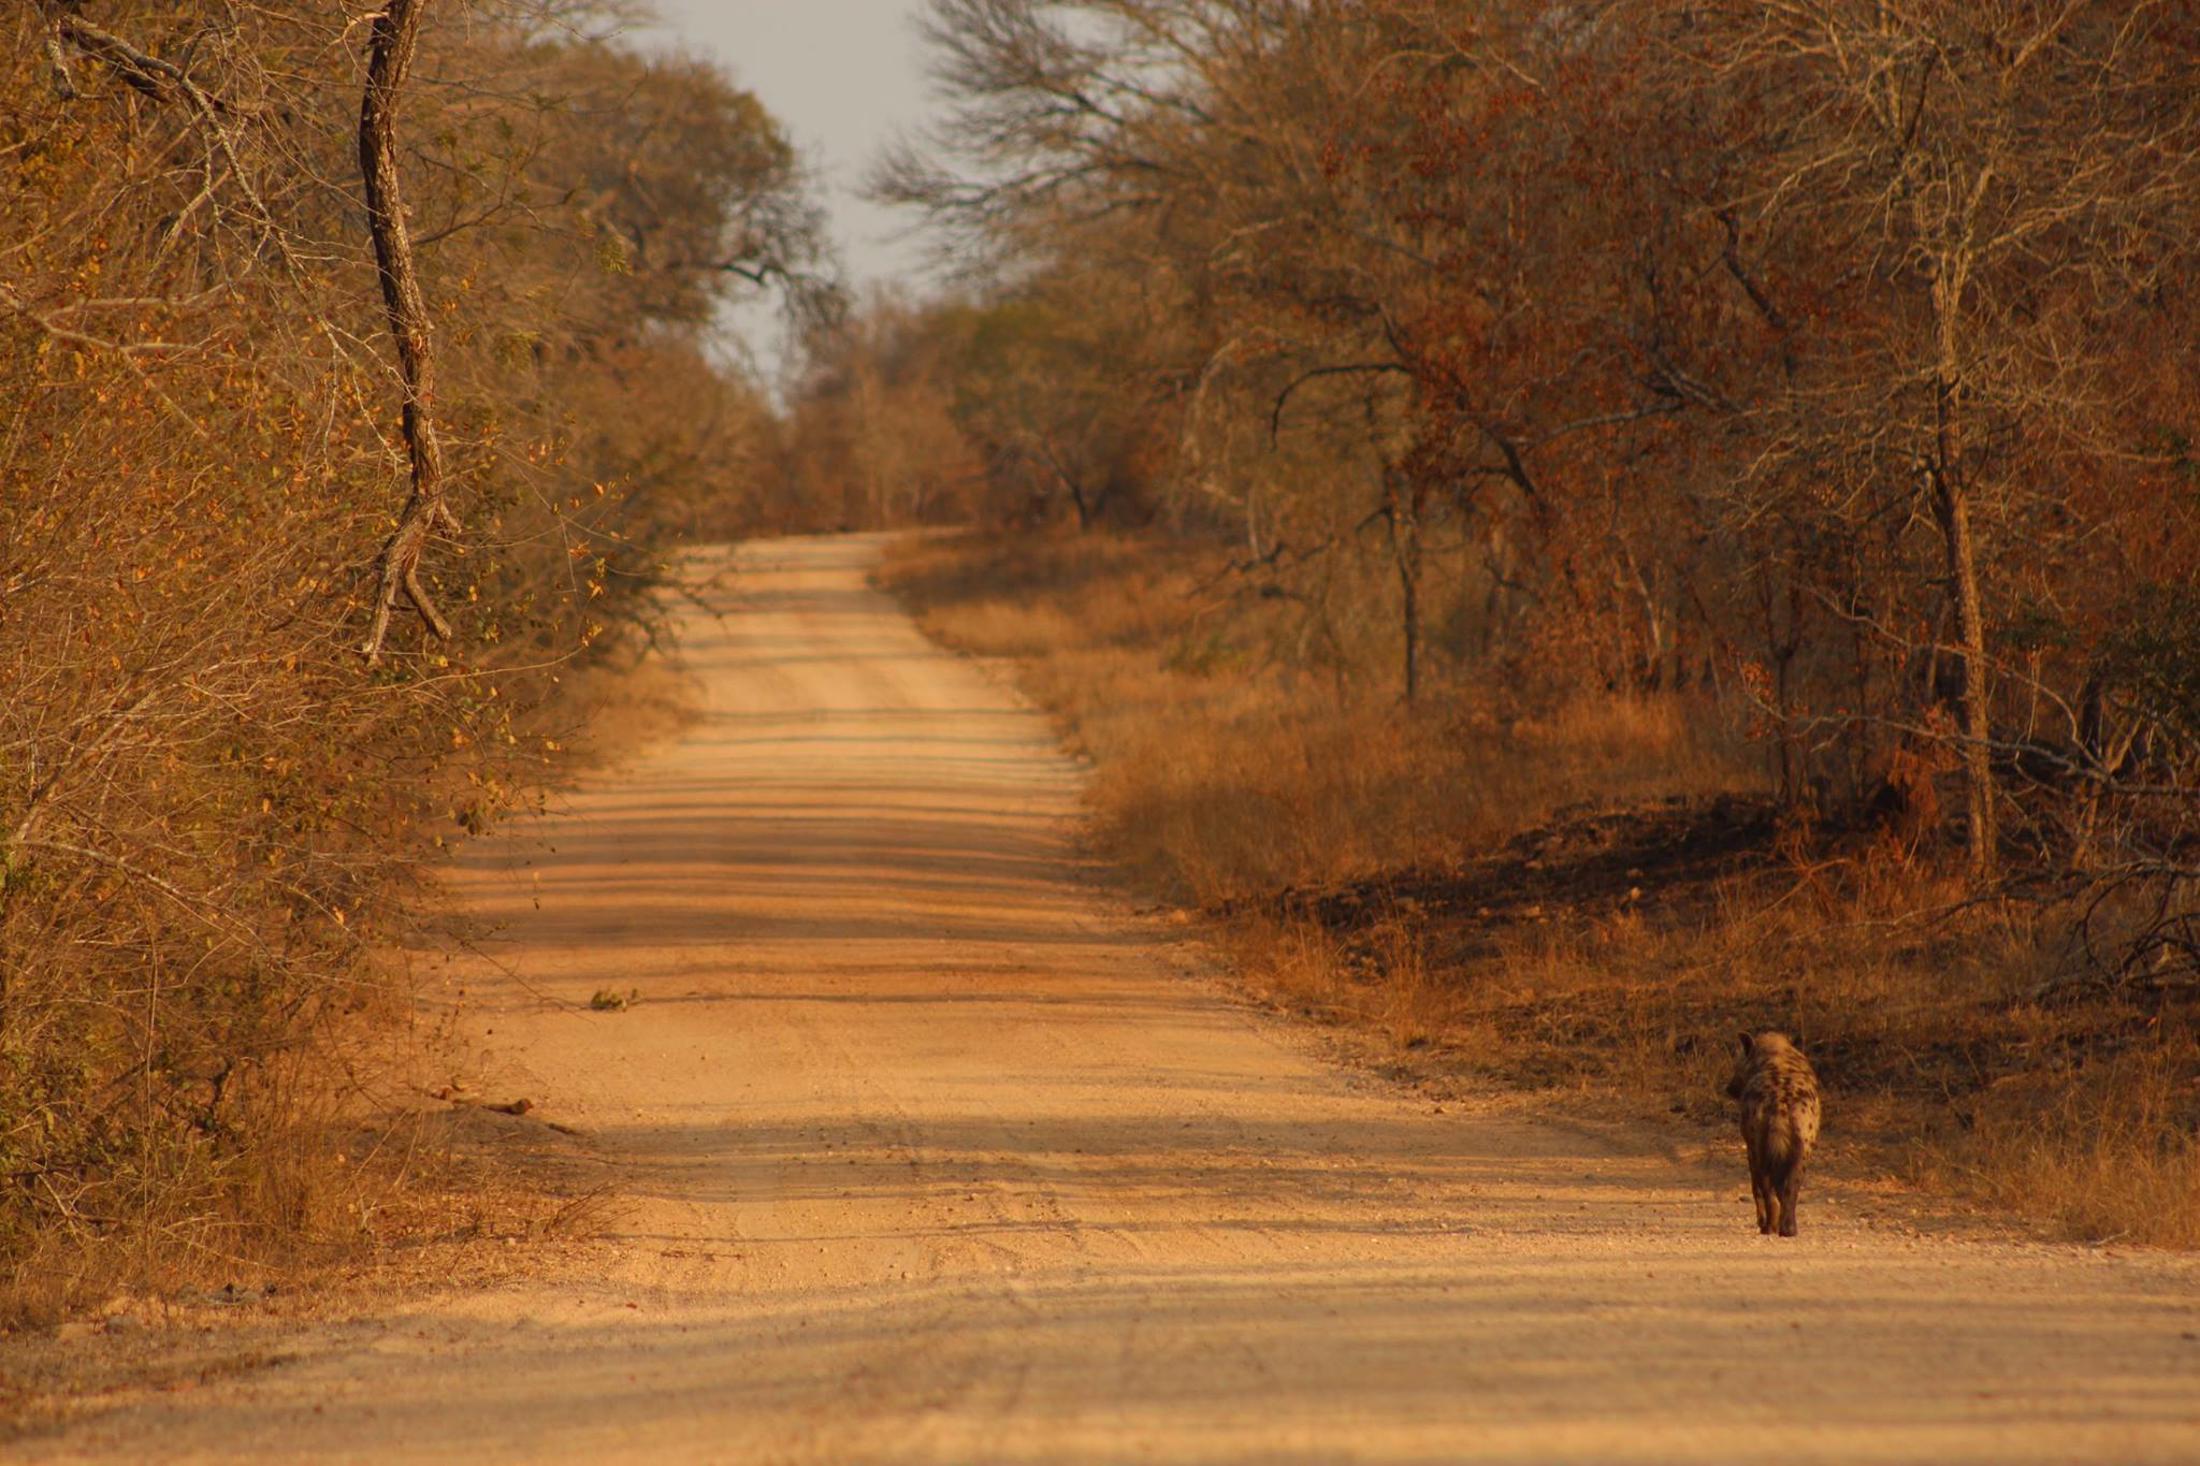 Beste reistijd Zuid-Afrik - Eenzame hyena op onverharde weg Kruger National Park